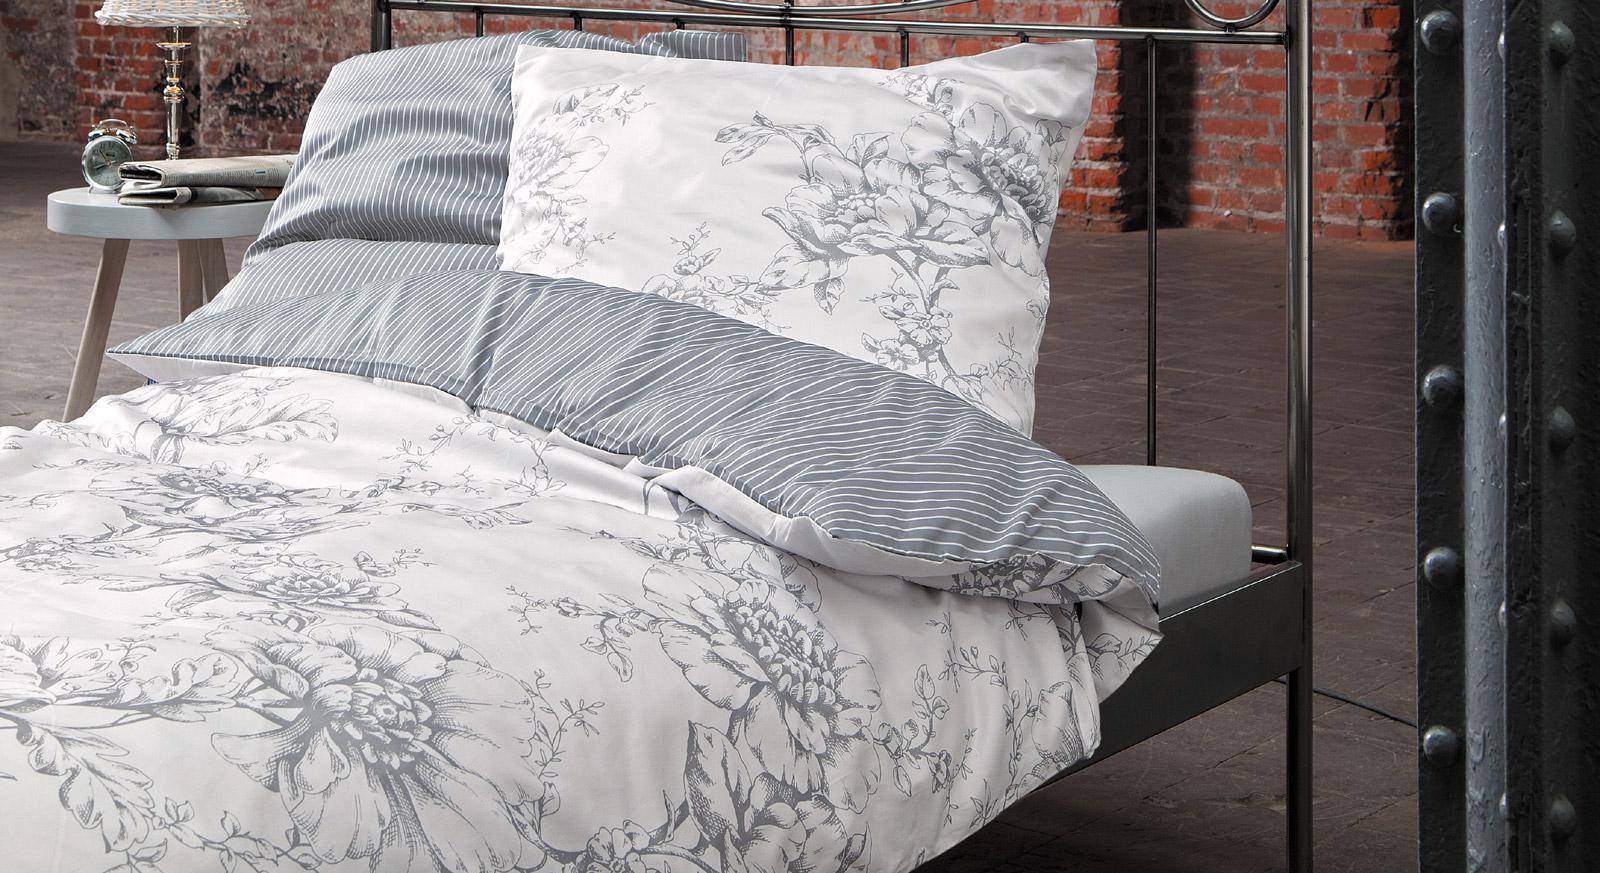 Bettwäsche Vintage Harmony in Weiß mit Blumen- und Streifenmuster